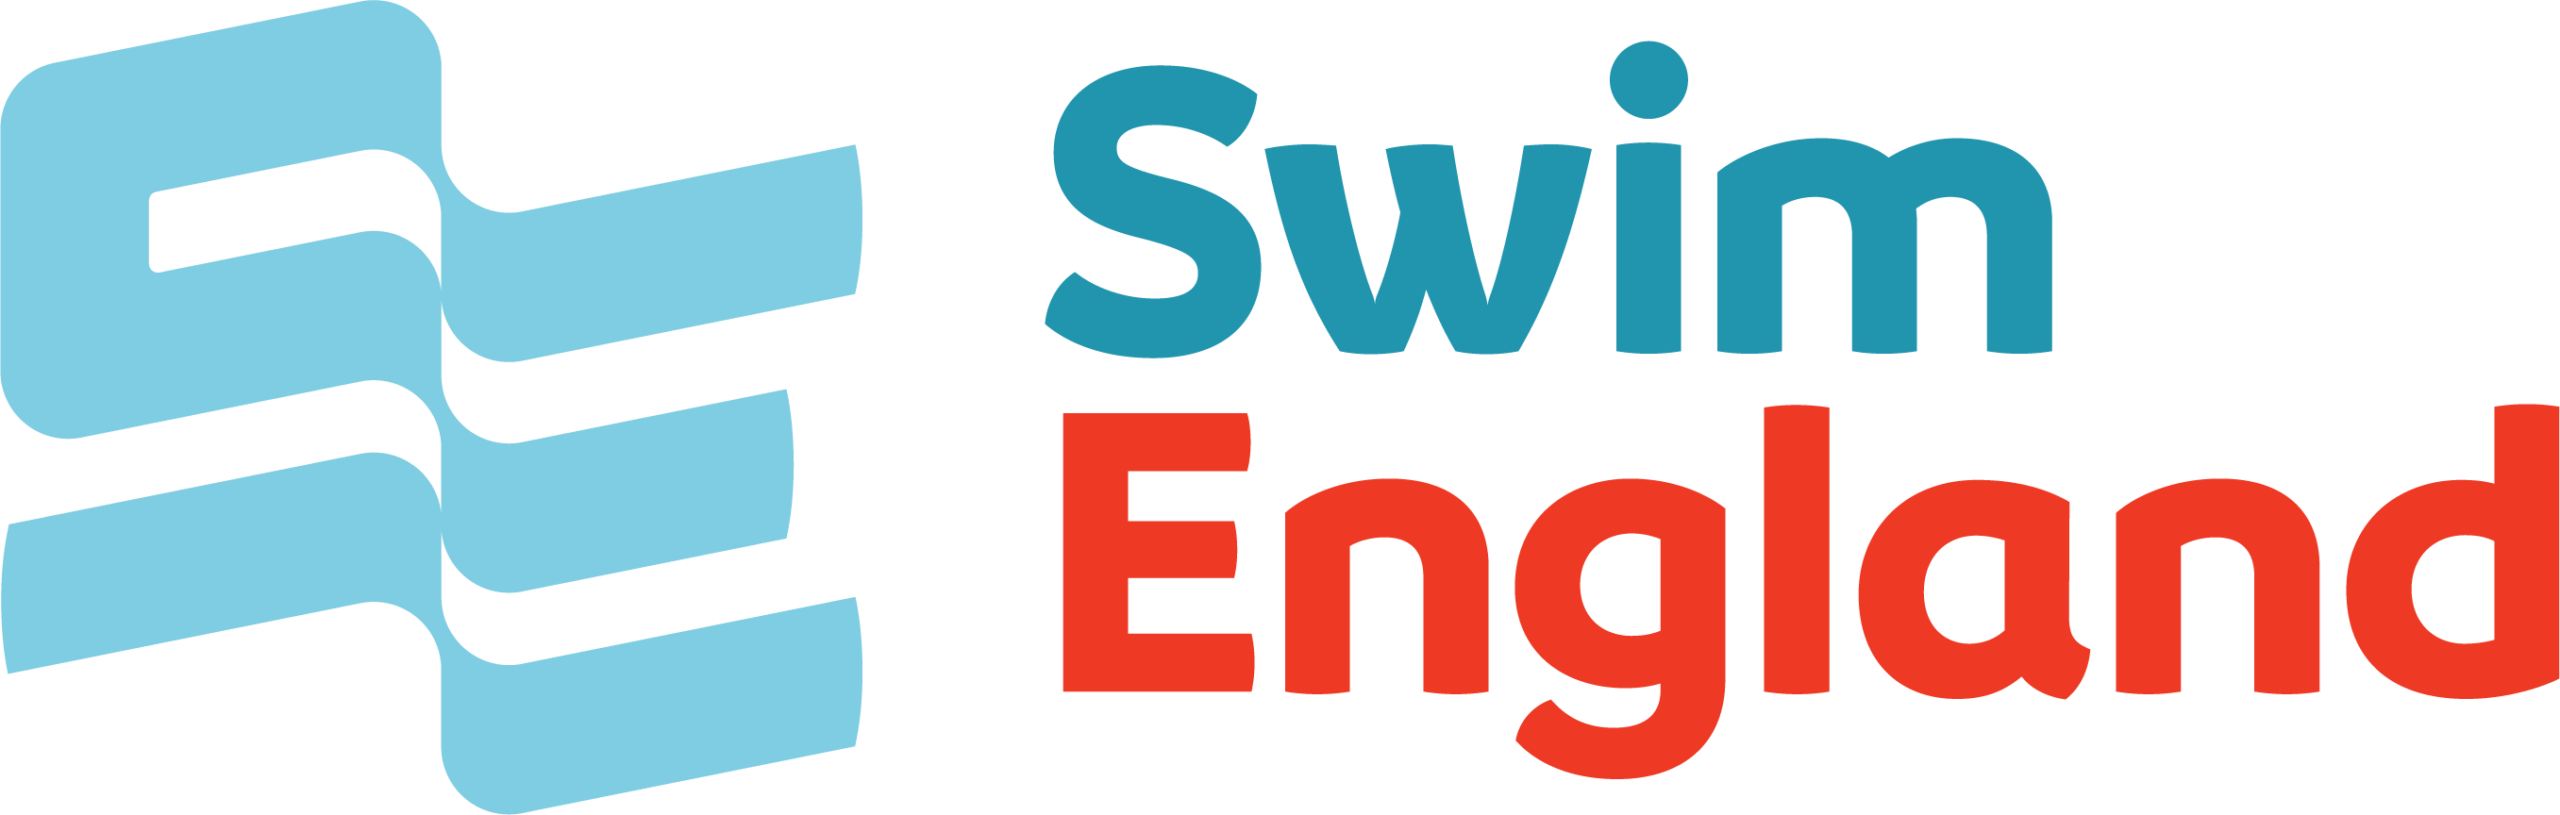 The logo for Swim England